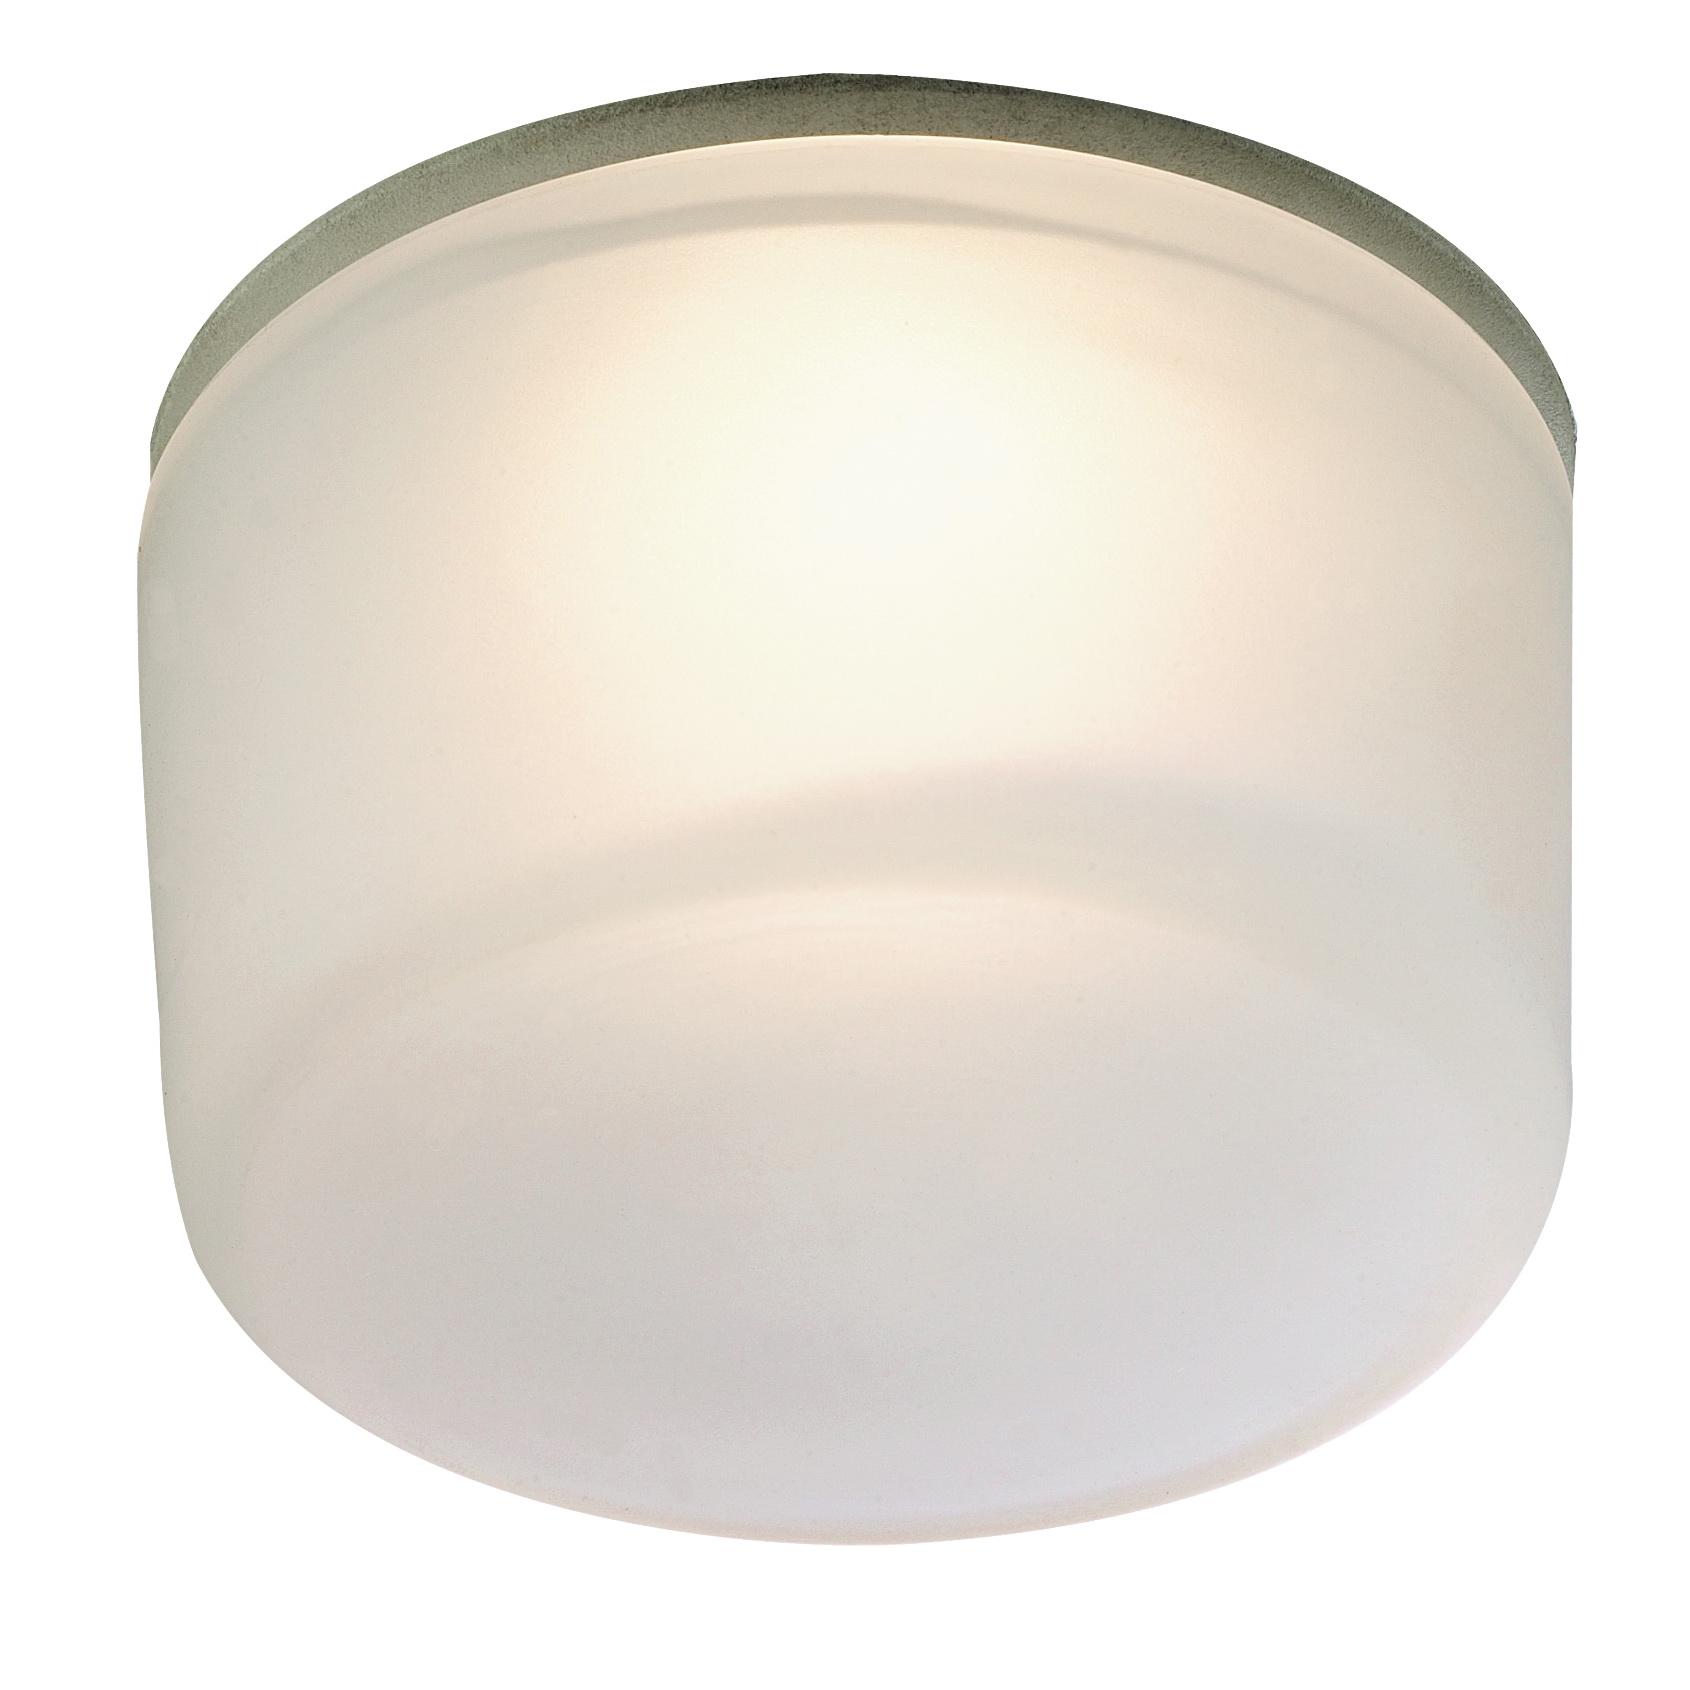 цена на Светильник встраиваемый Novotech Aqua nt09 177 369277